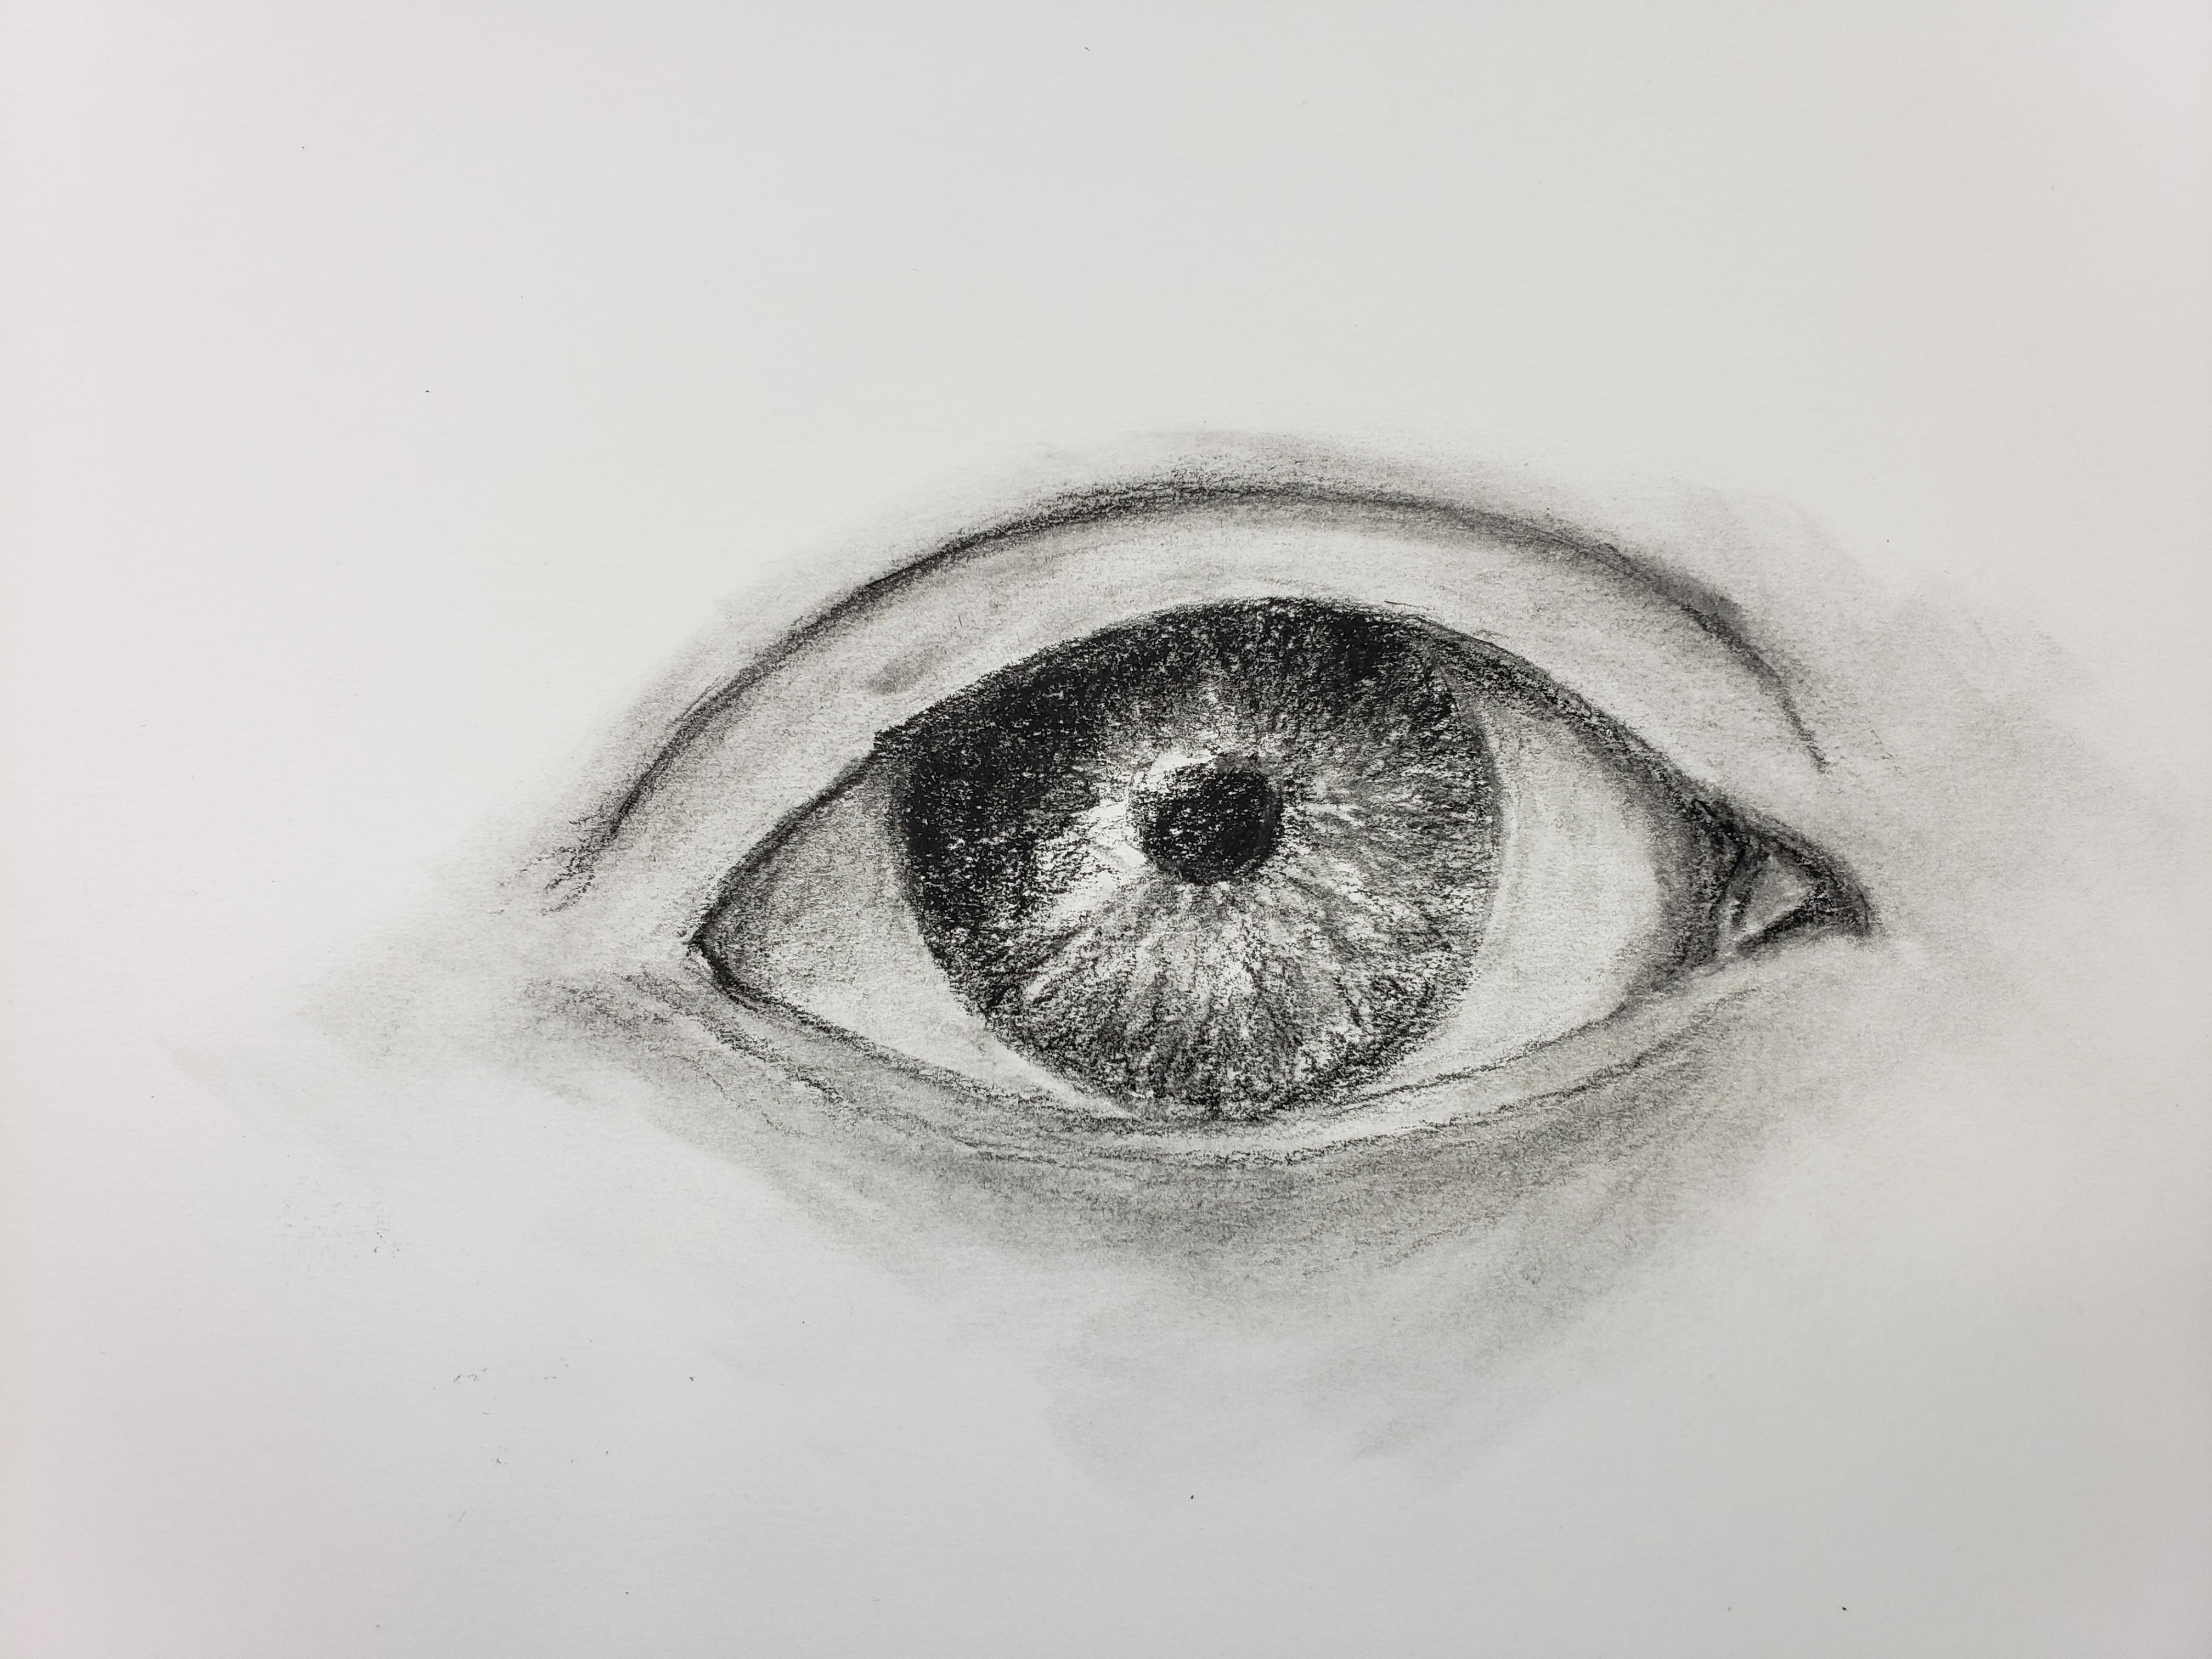 Tutoriel Comment Dessiner Un œil De Maniere Realiste